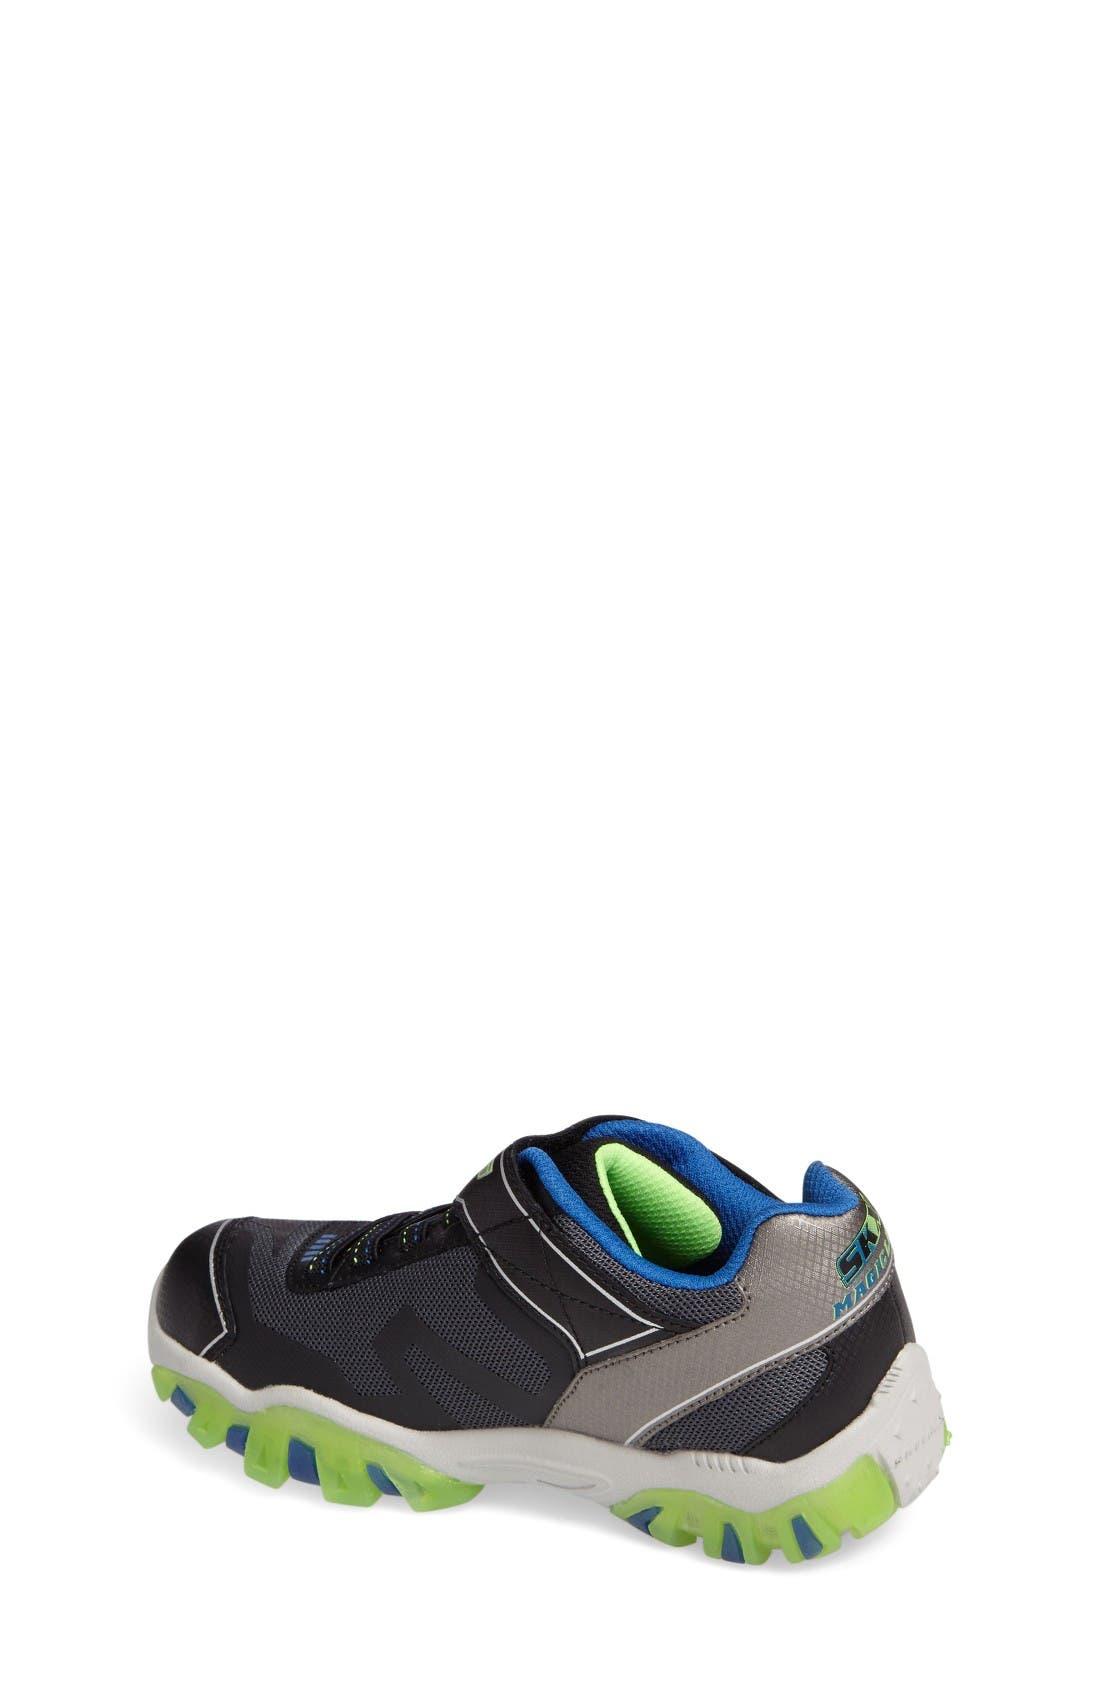 Magic Lites - Street Lightz 2.0 Light-Up Sneaker,                             Alternate thumbnail 2, color,                             Black/ Green